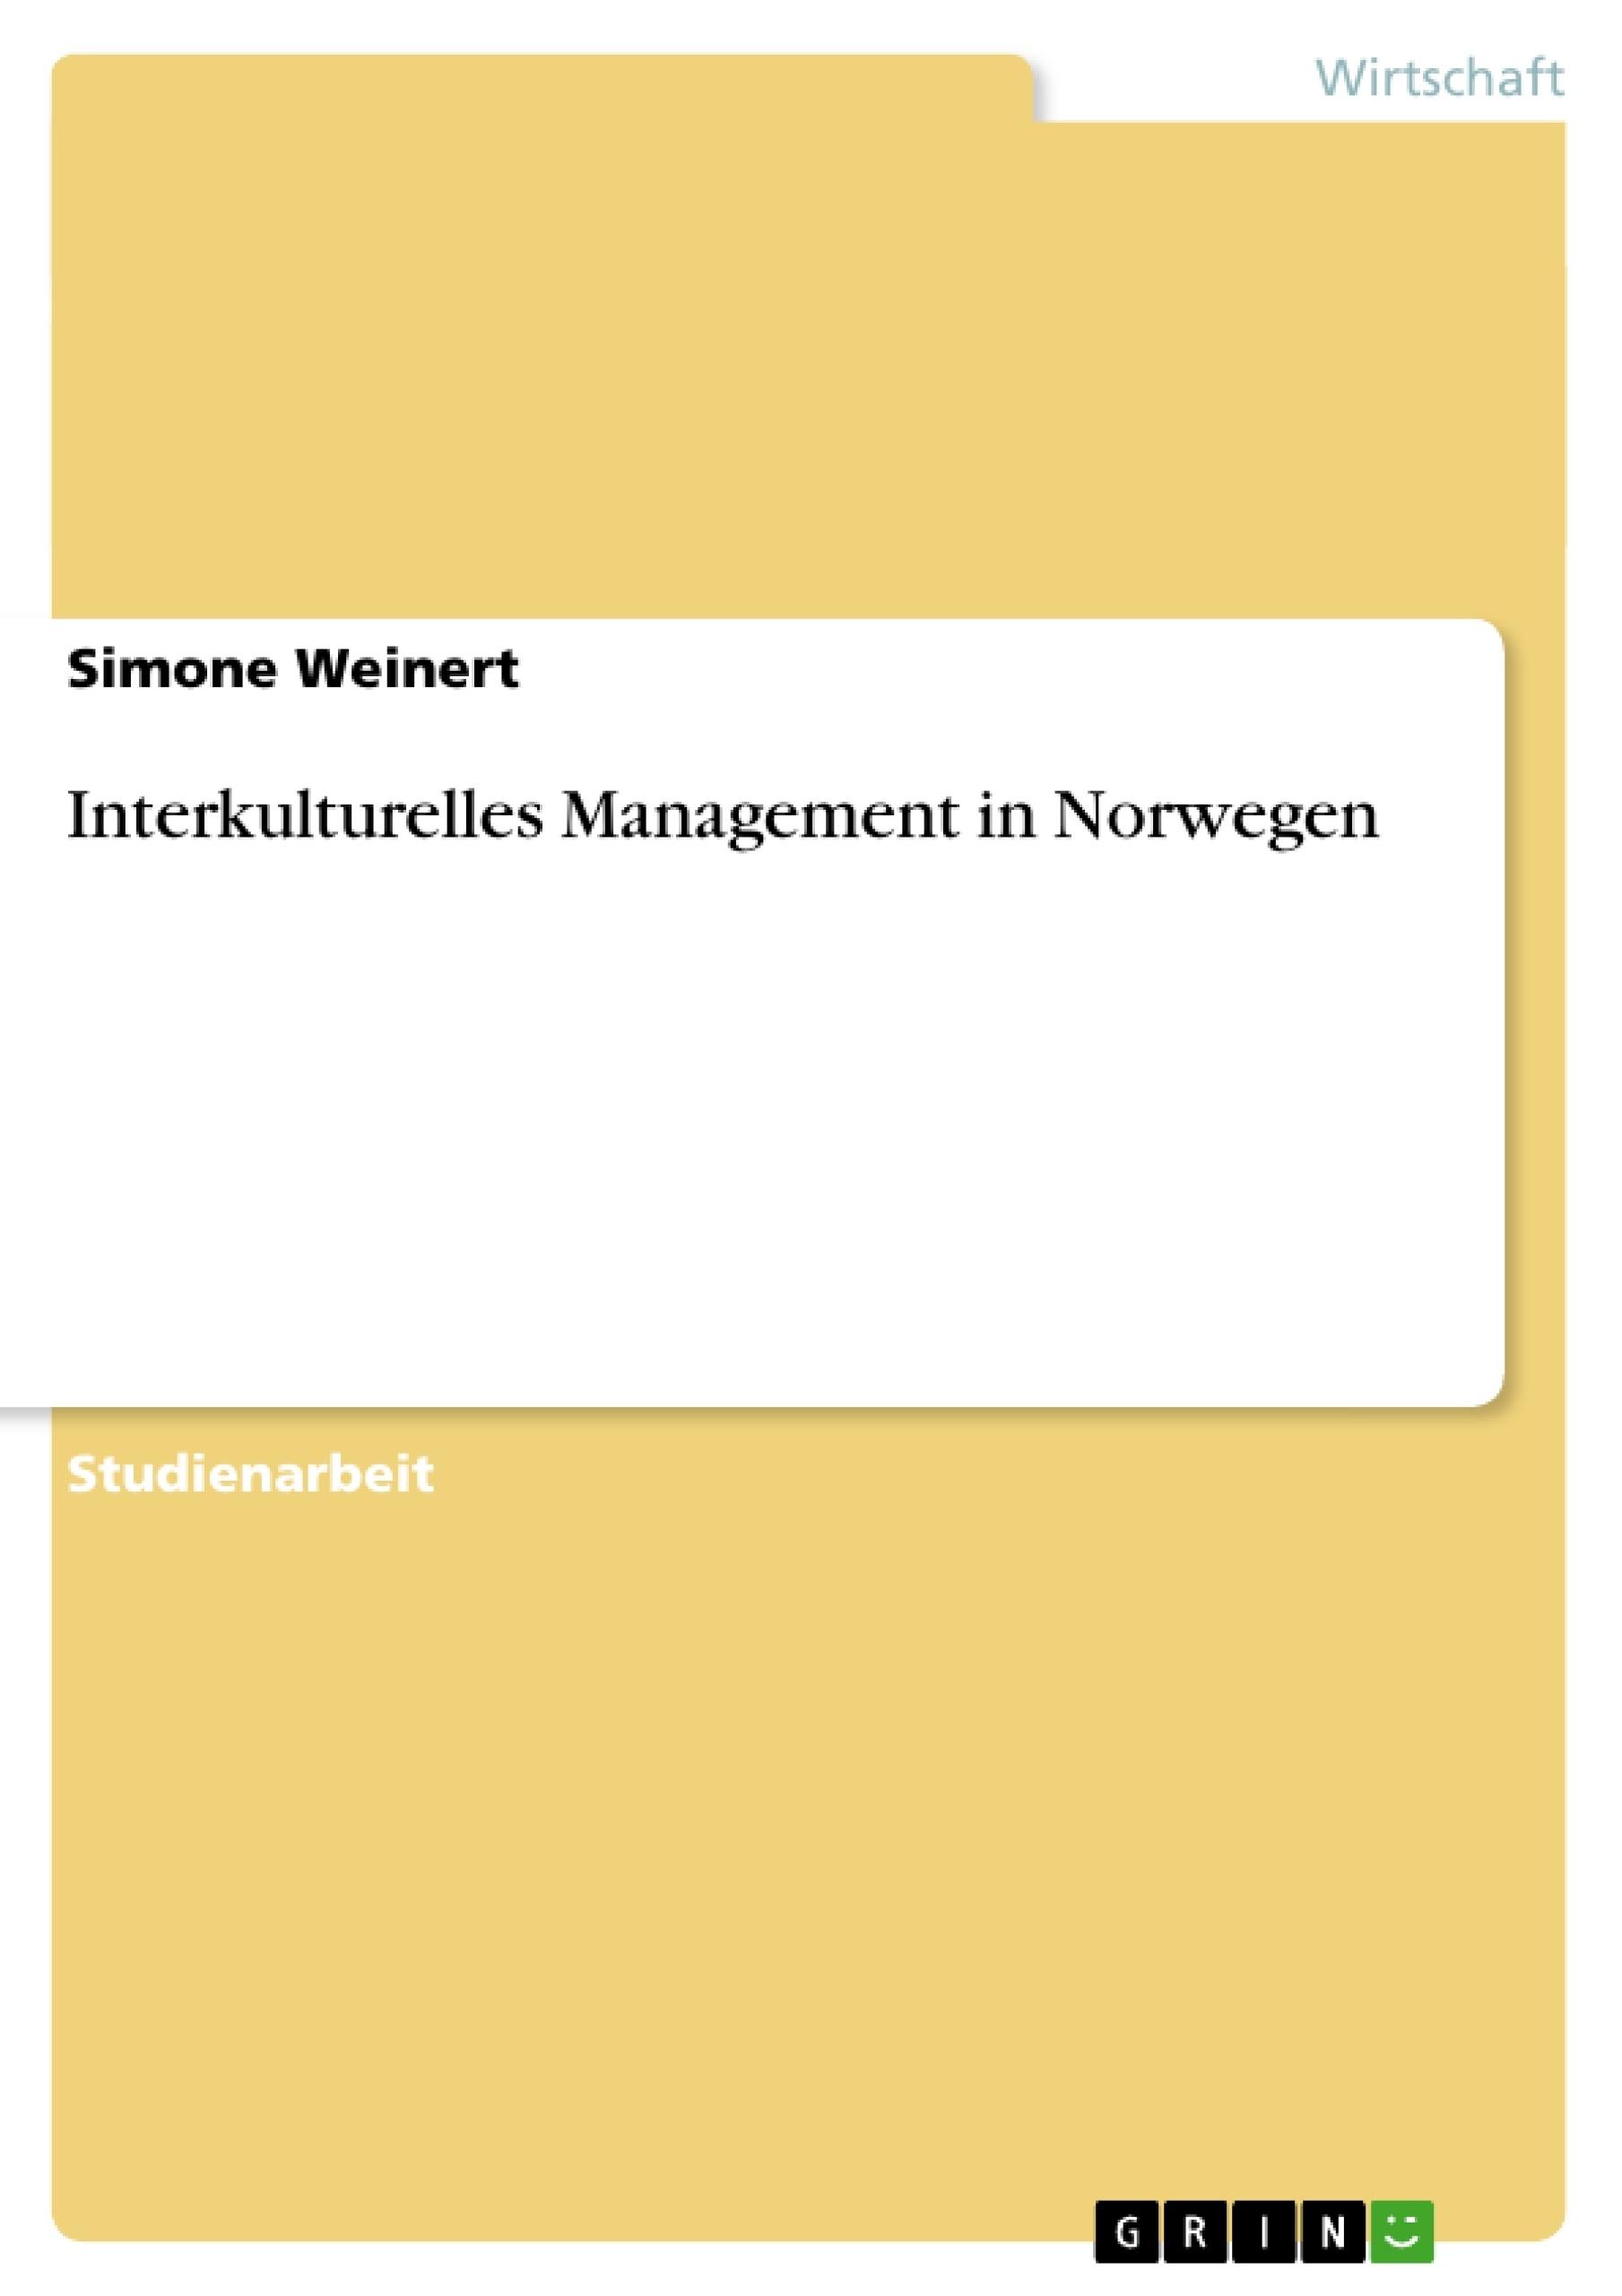 Titel: Interkulturelles Management in Norwegen